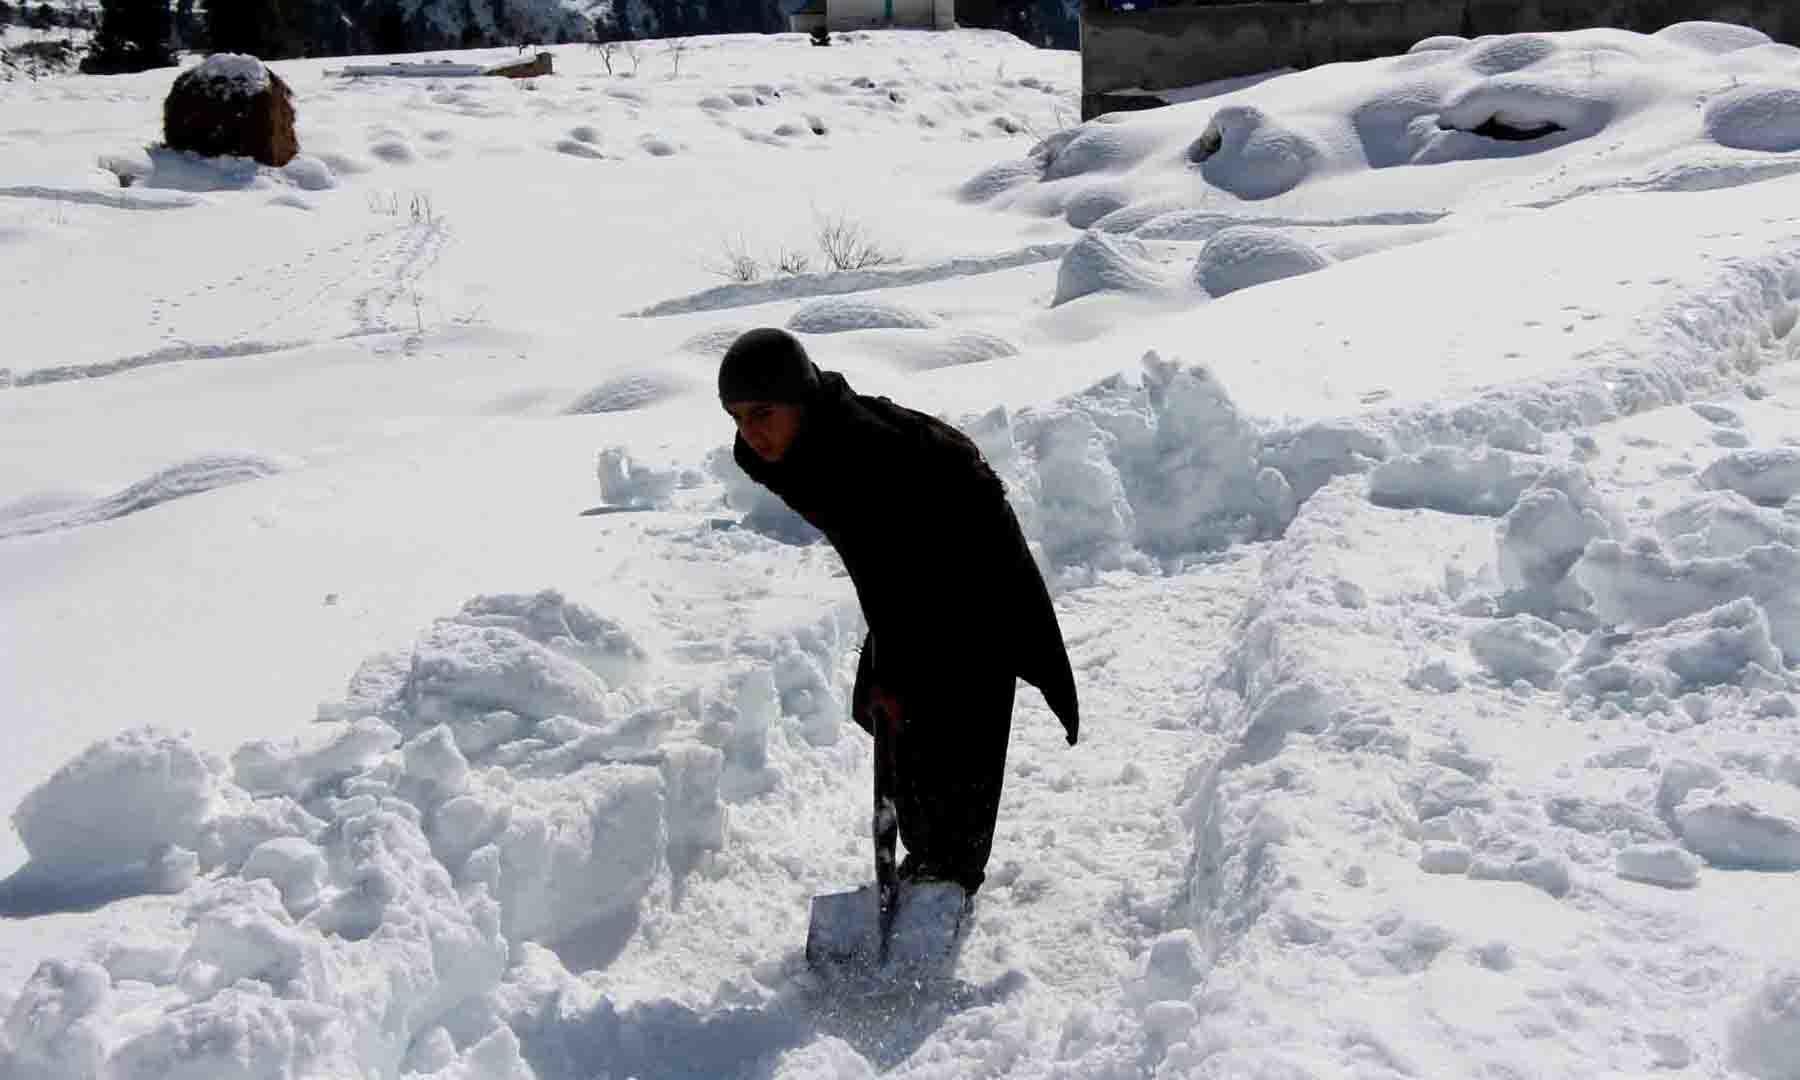 ایک مقامی بچہ گاؤں والوں کے لیے برف میں راستہ بنا رہا ہے